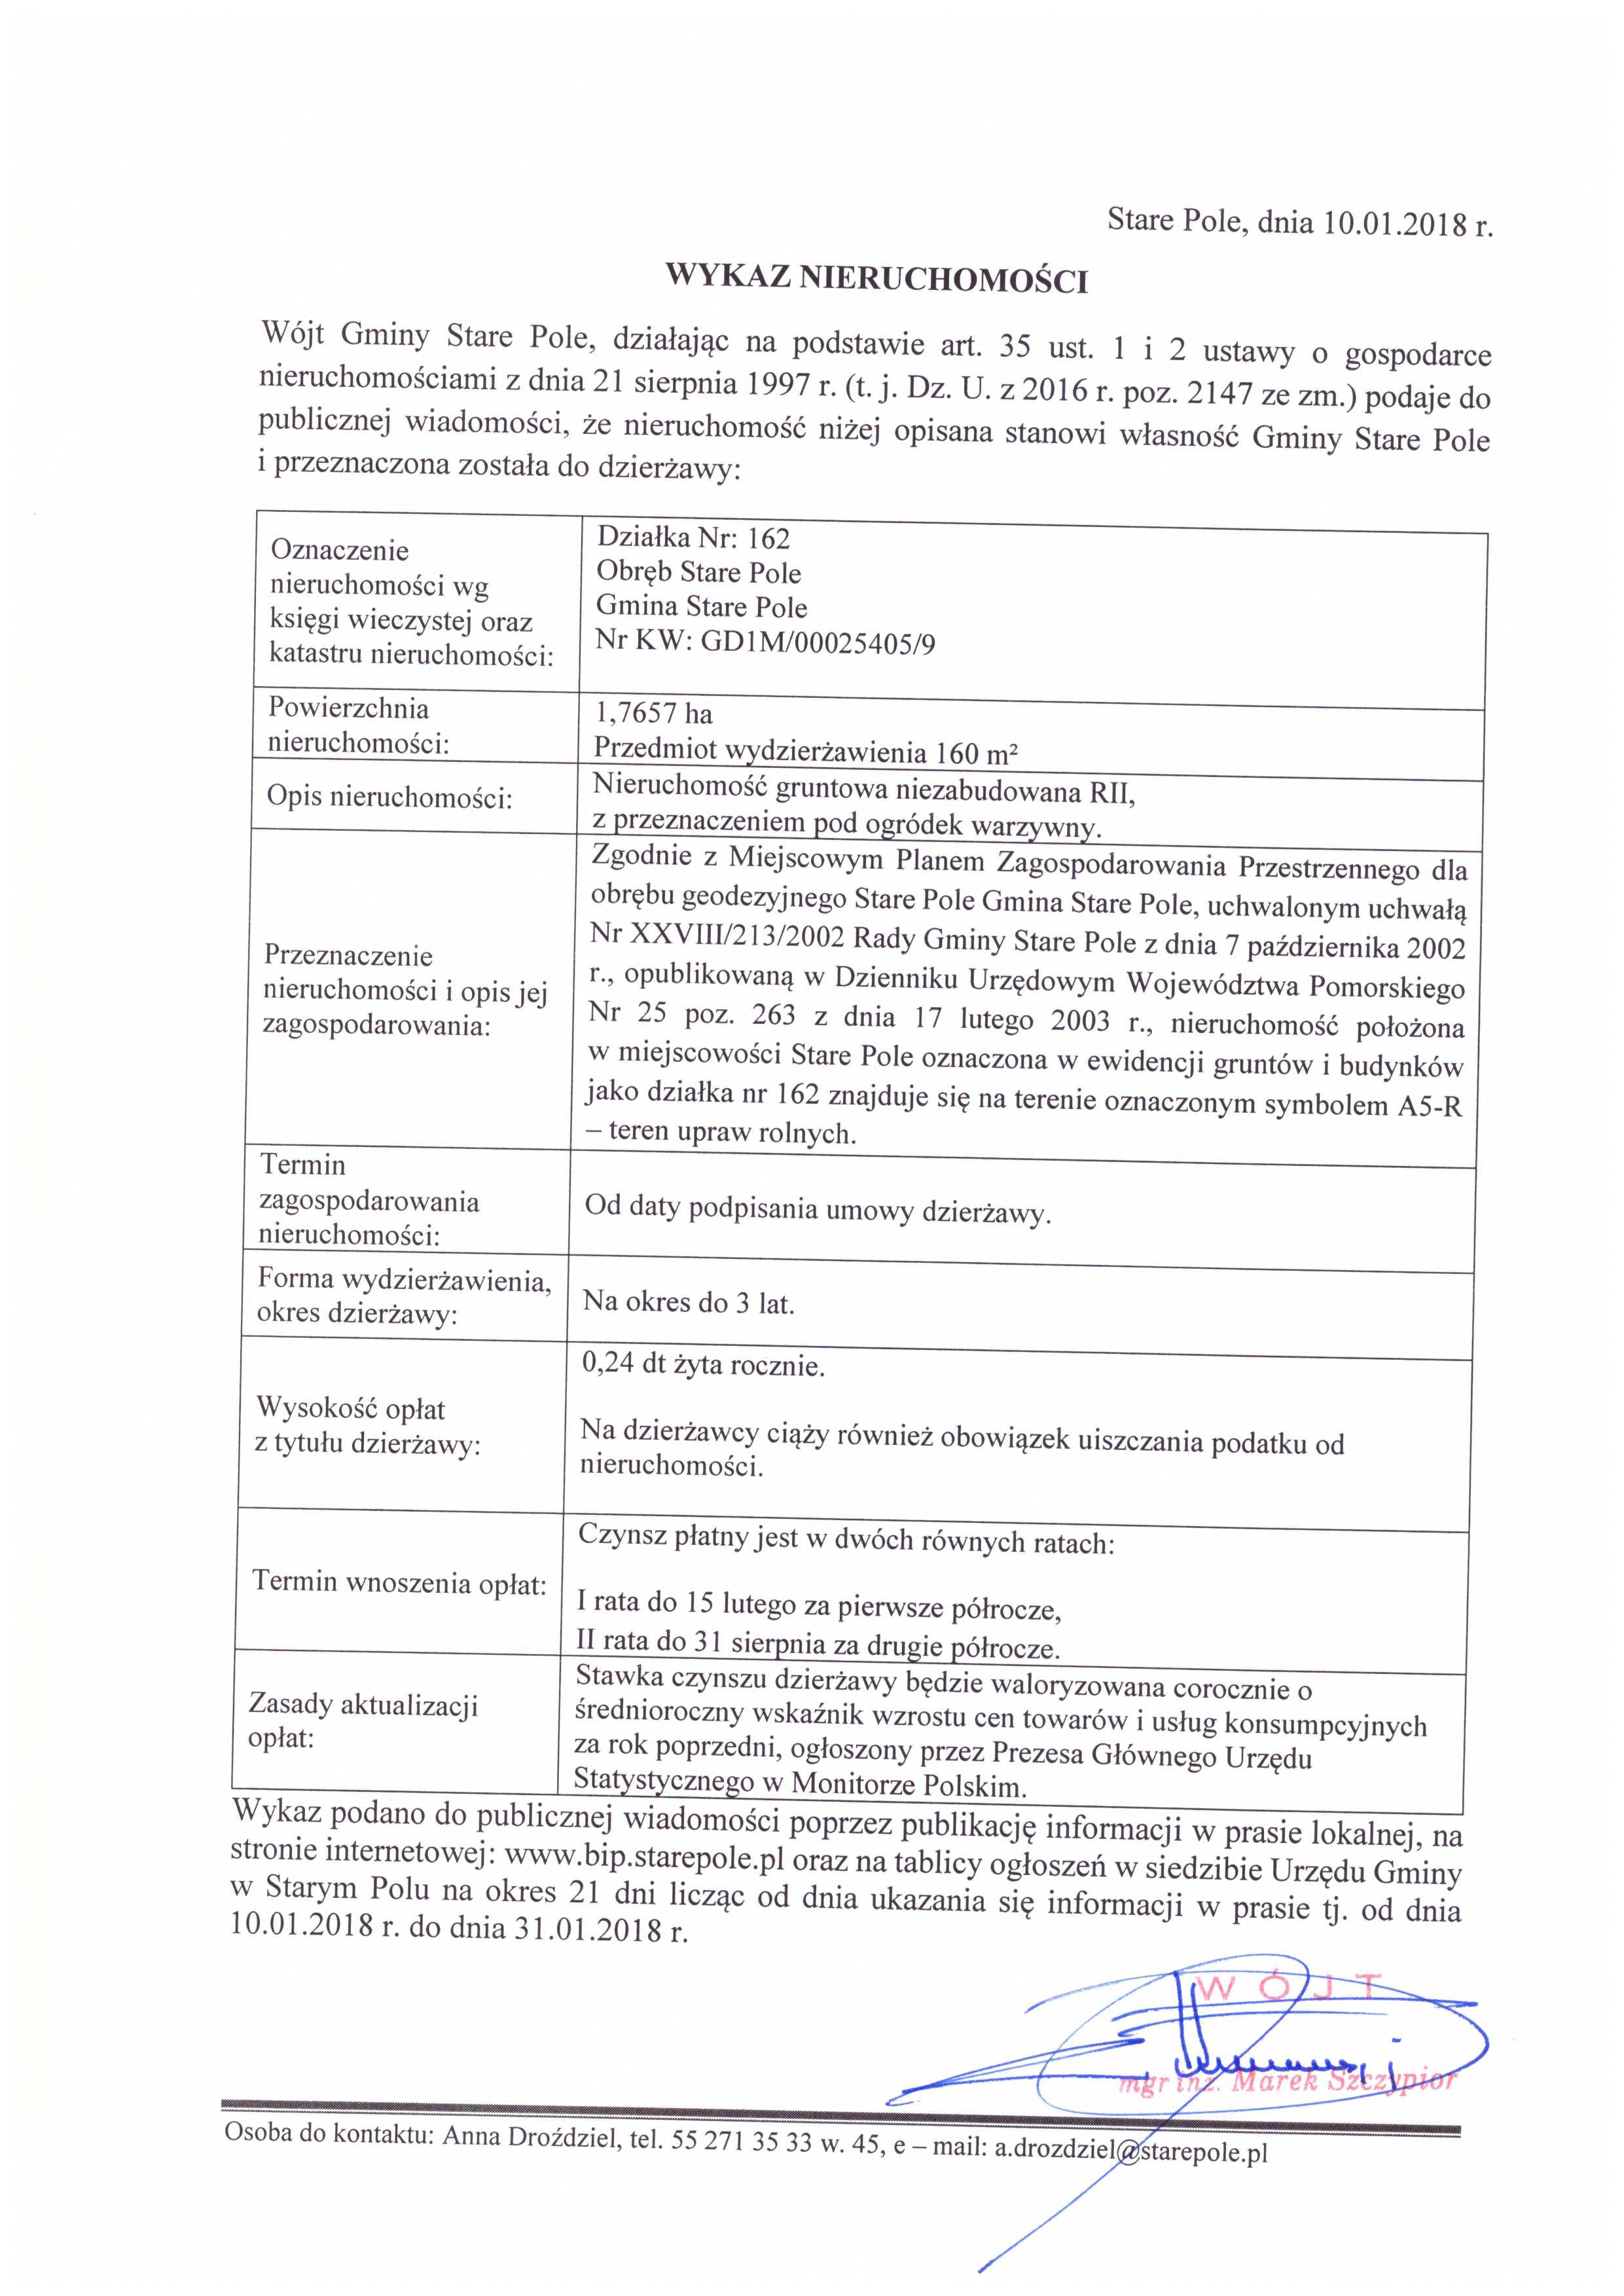 Wykaz z dnia 10 stycznia 2018 r. nieruchomości przeznaczonych do dzierżawy - II